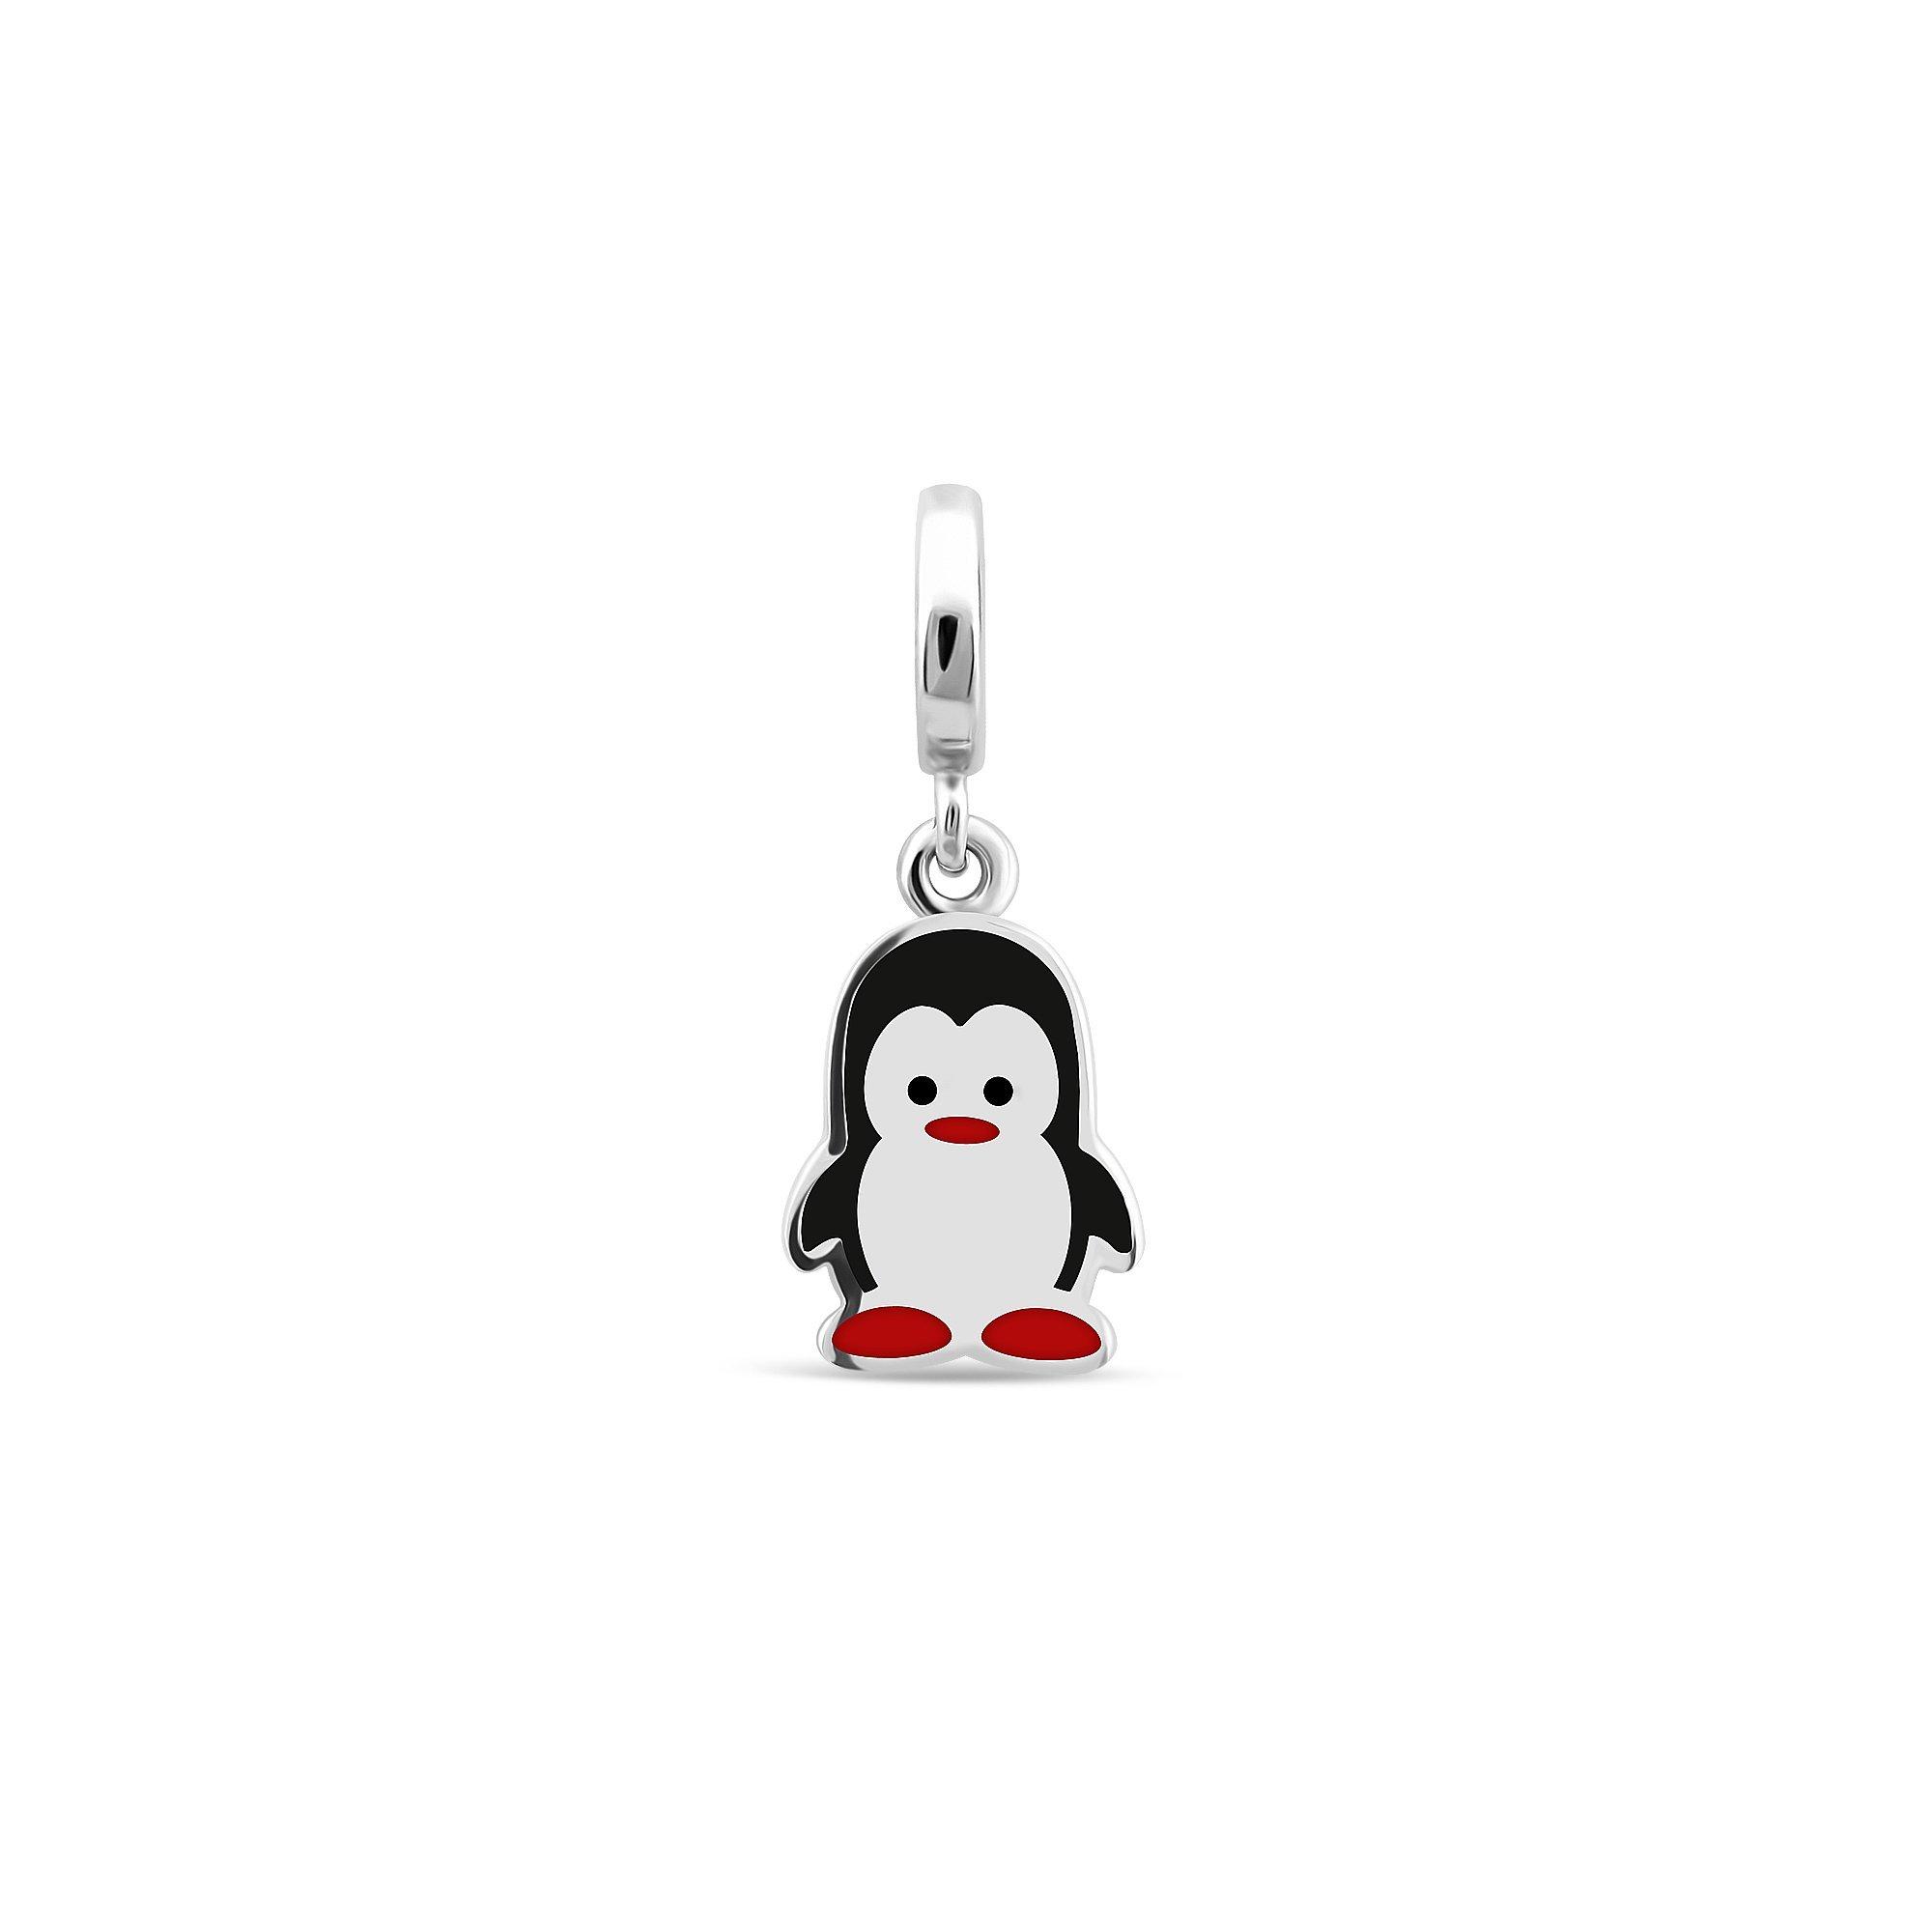 Серебряная подвеска Ми-ми-ми пингвин с белой, черной, красной эмалью и родием